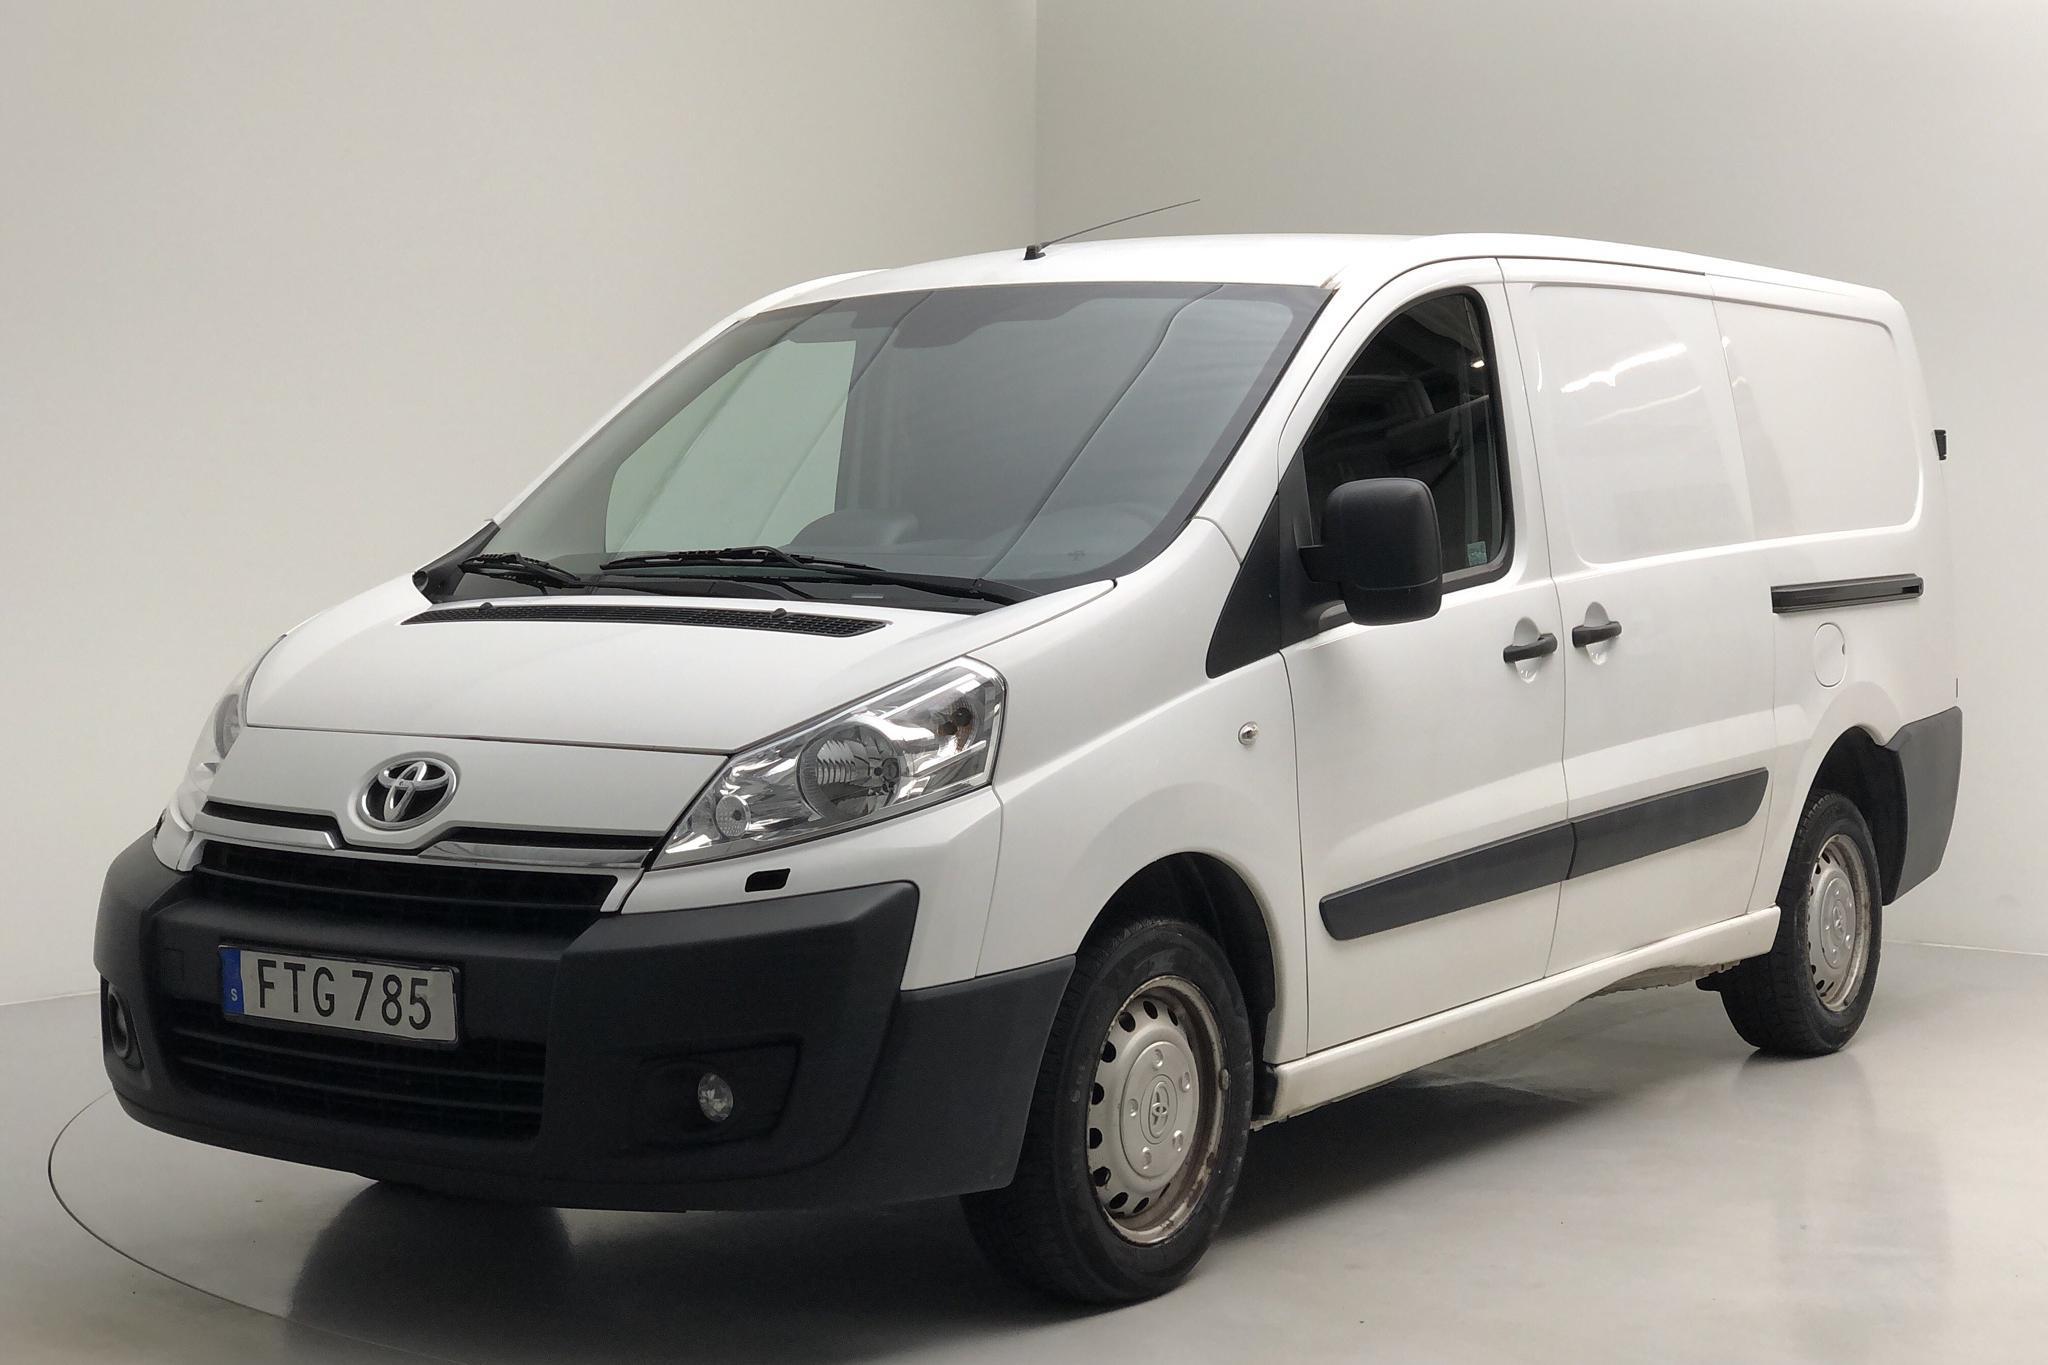 Toyota PROACE 2.0 D-4D (128hk) - 19 097 mil - Manuell - vit - 2015